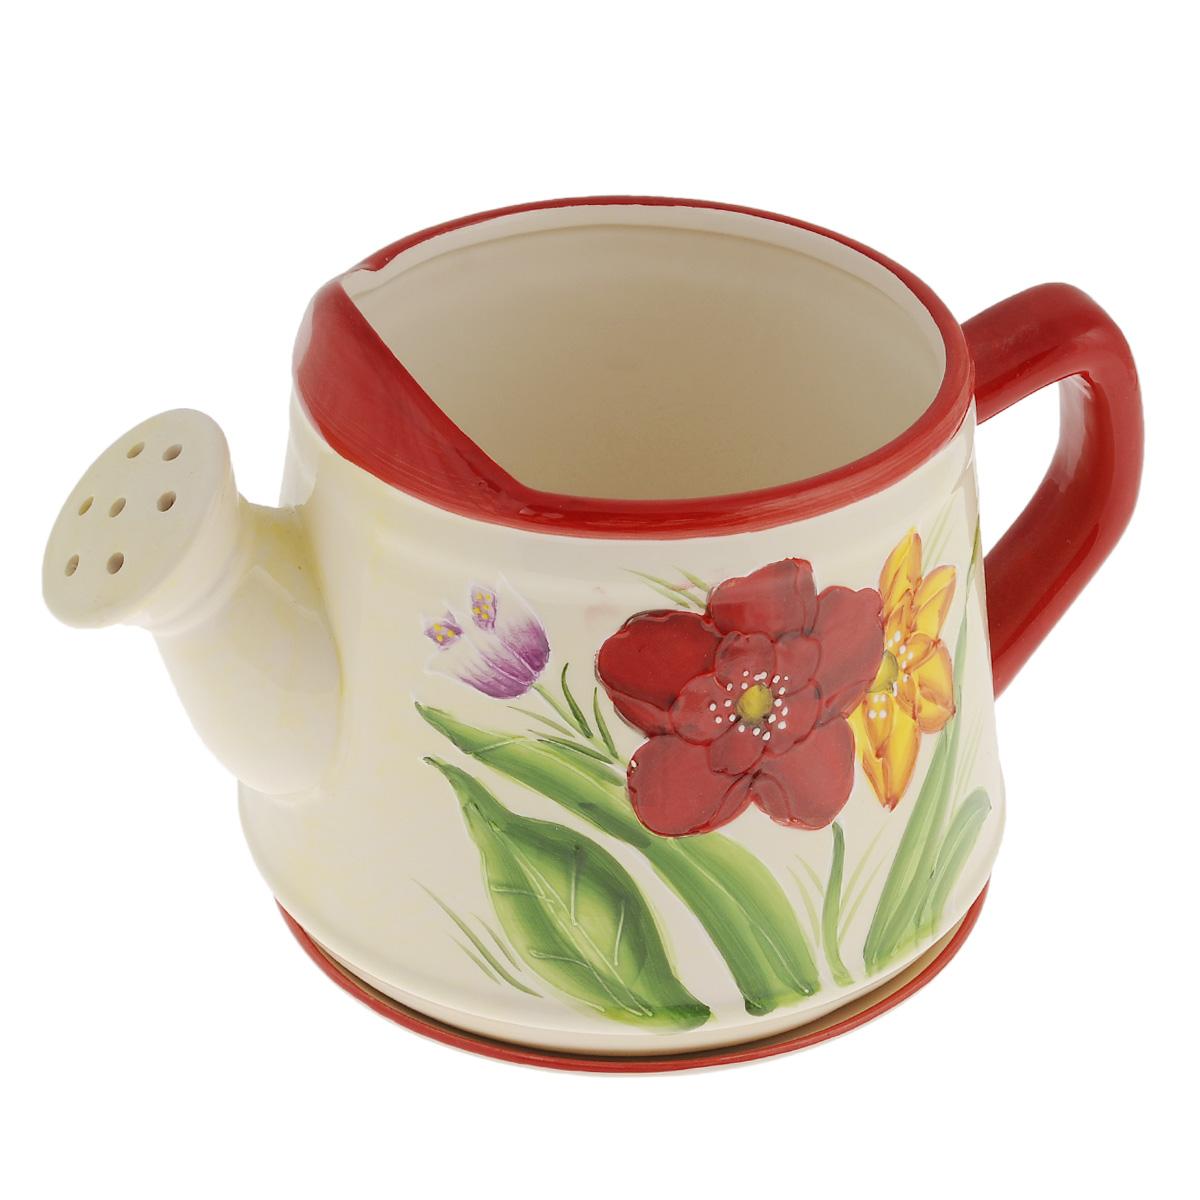 """Кашпо-горшок для цветов Lillo """"Лейка"""" выполнен из прочной керамики и декорирован красочным рисунком. Изделие предназначено для цветов.Такие изделия часто становятся последним штрихом, который совершенно изменяет интерьер помещения или ландшафтный дизайн сада. Благодаря такому кашпо вы сможете украсить вашу комнату, офис, сад и другие места. Изделие оснащено специальным поддоном - блюдцем. Диаметр кашпо по верхнему краю: 15,5 см. Высота кашпо (без учета поддона): 19 см. Диаметр поддона: 20,5 см."""